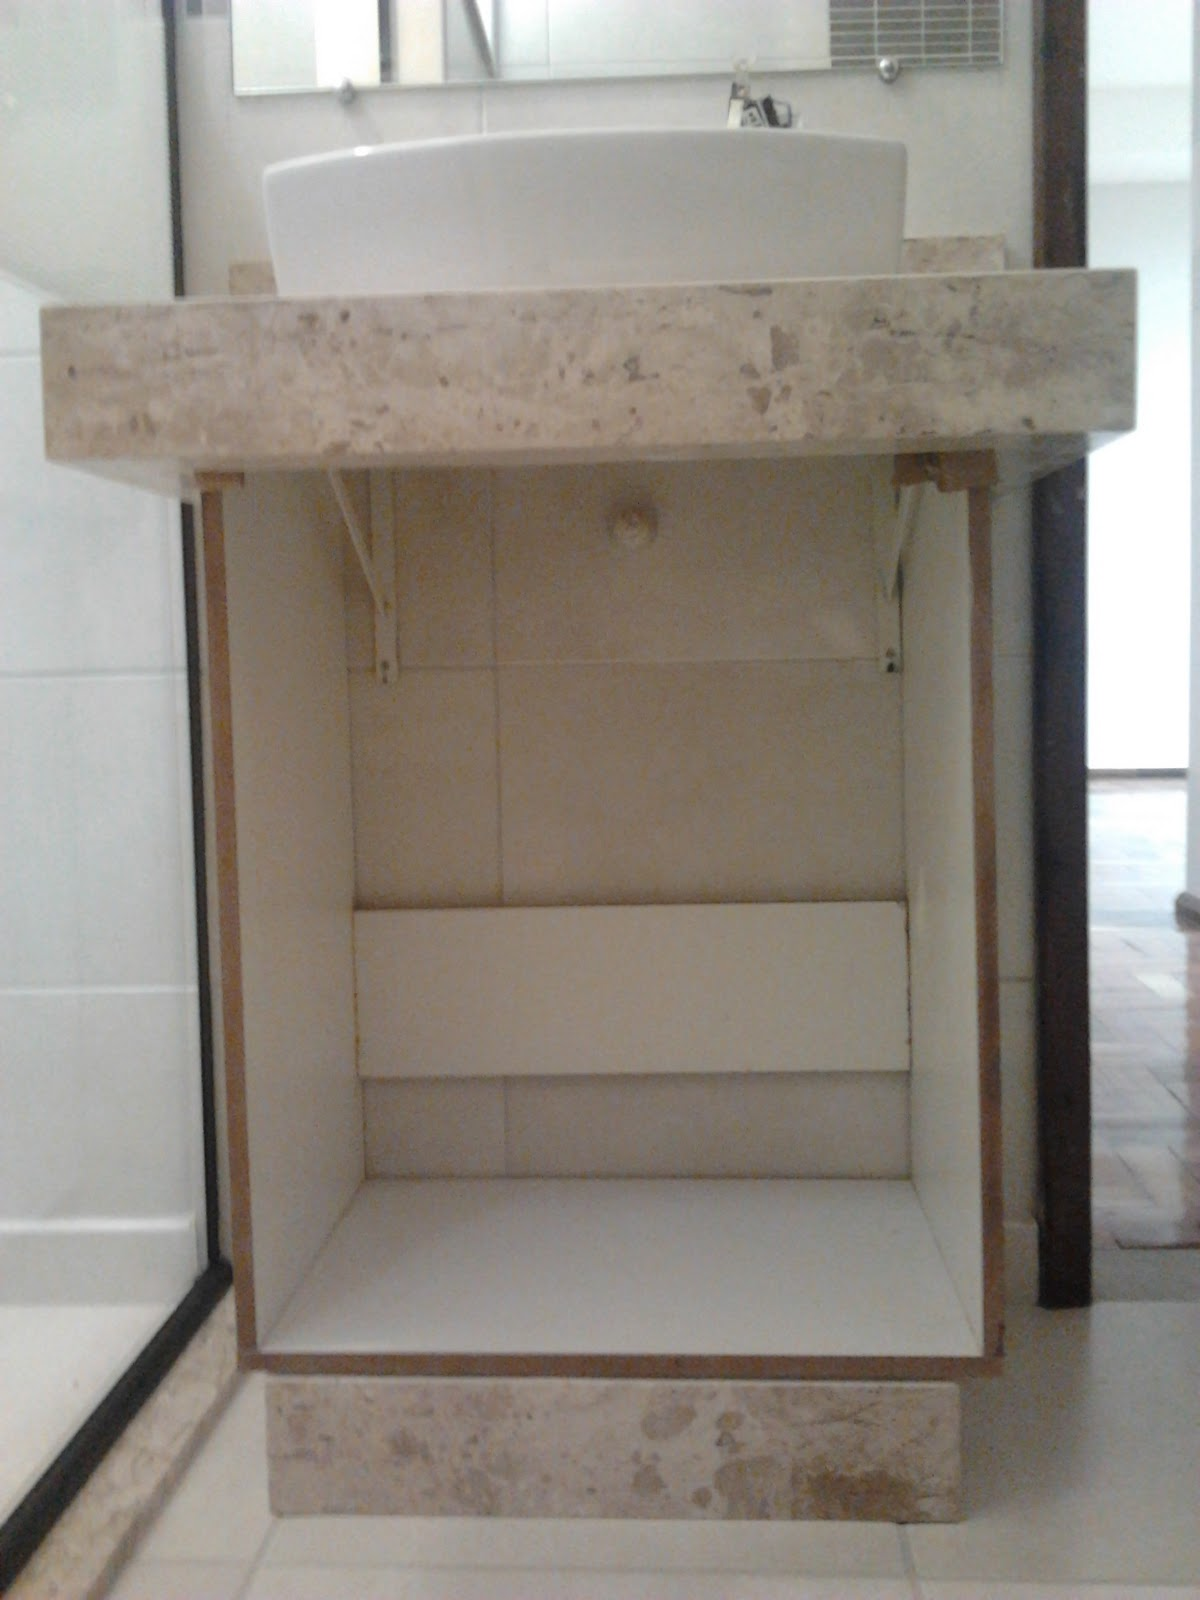 Finalmente a grande novidade do dia começaram a entregar os  #604D3D 1200x1600 Armario Banheiro Coluna Pia